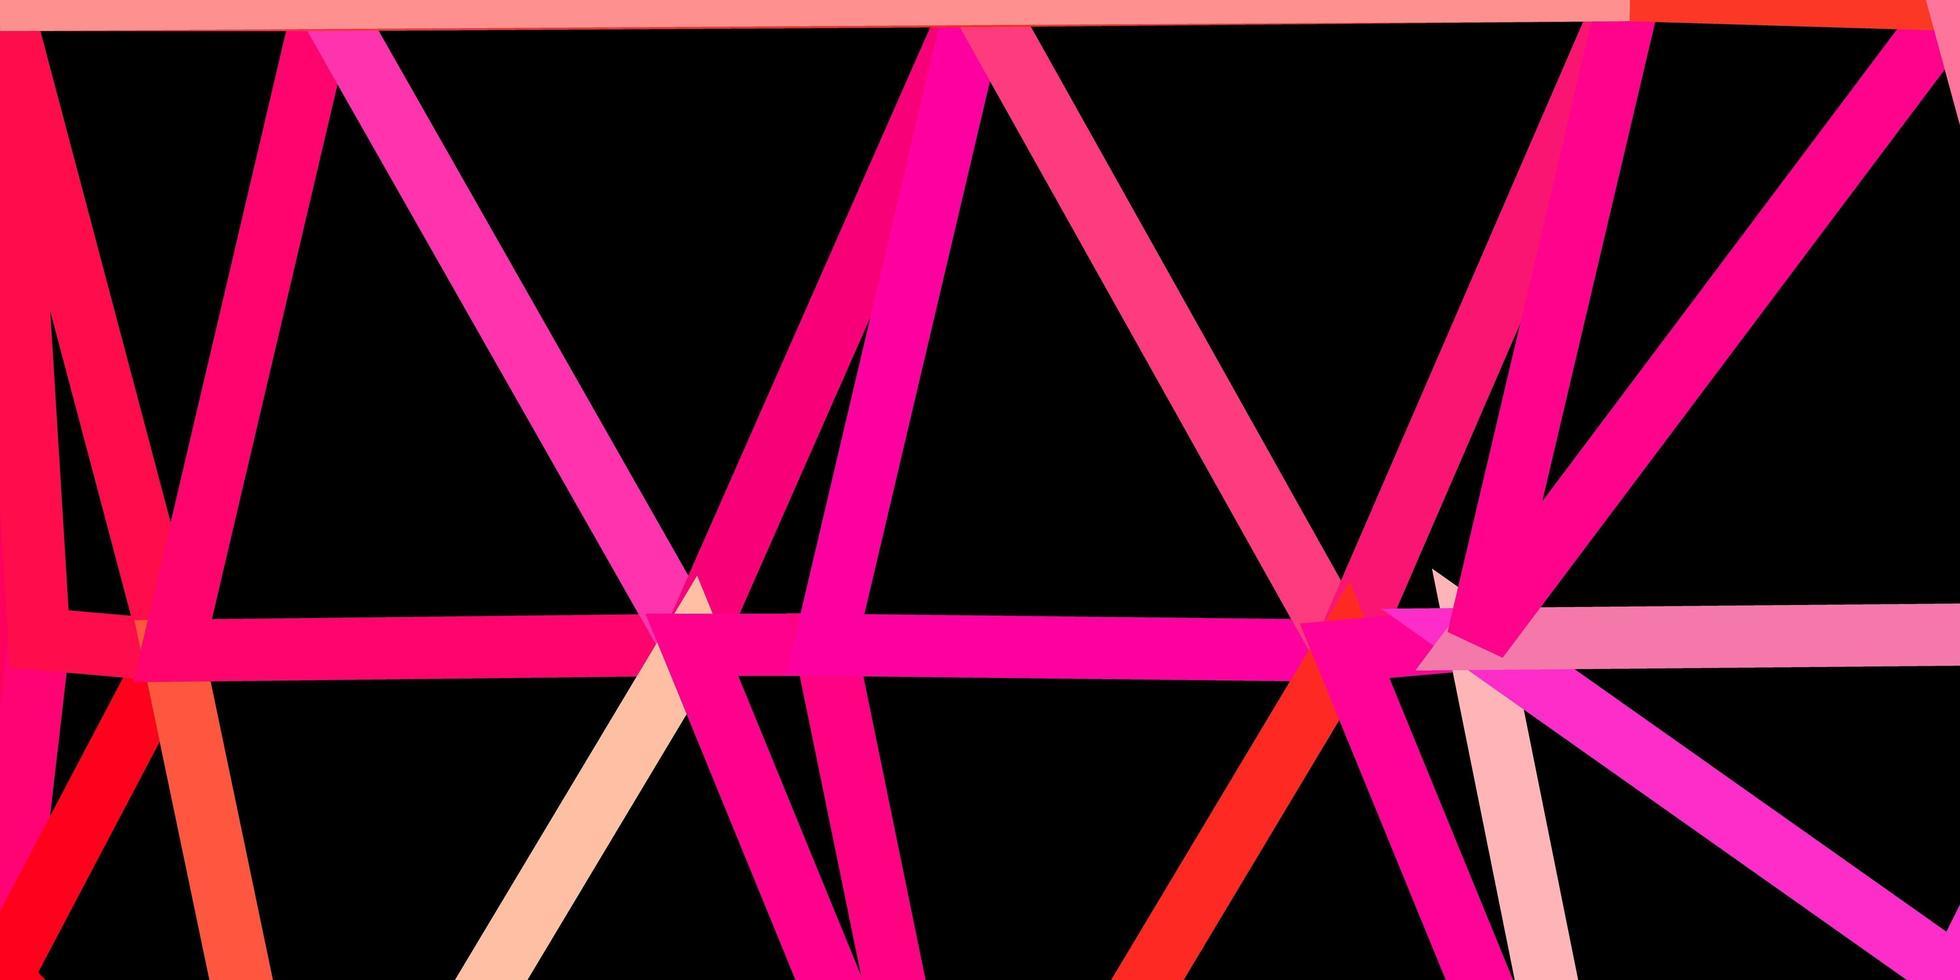 pano de fundo do triângulo abstrato do vetor rosa claro.